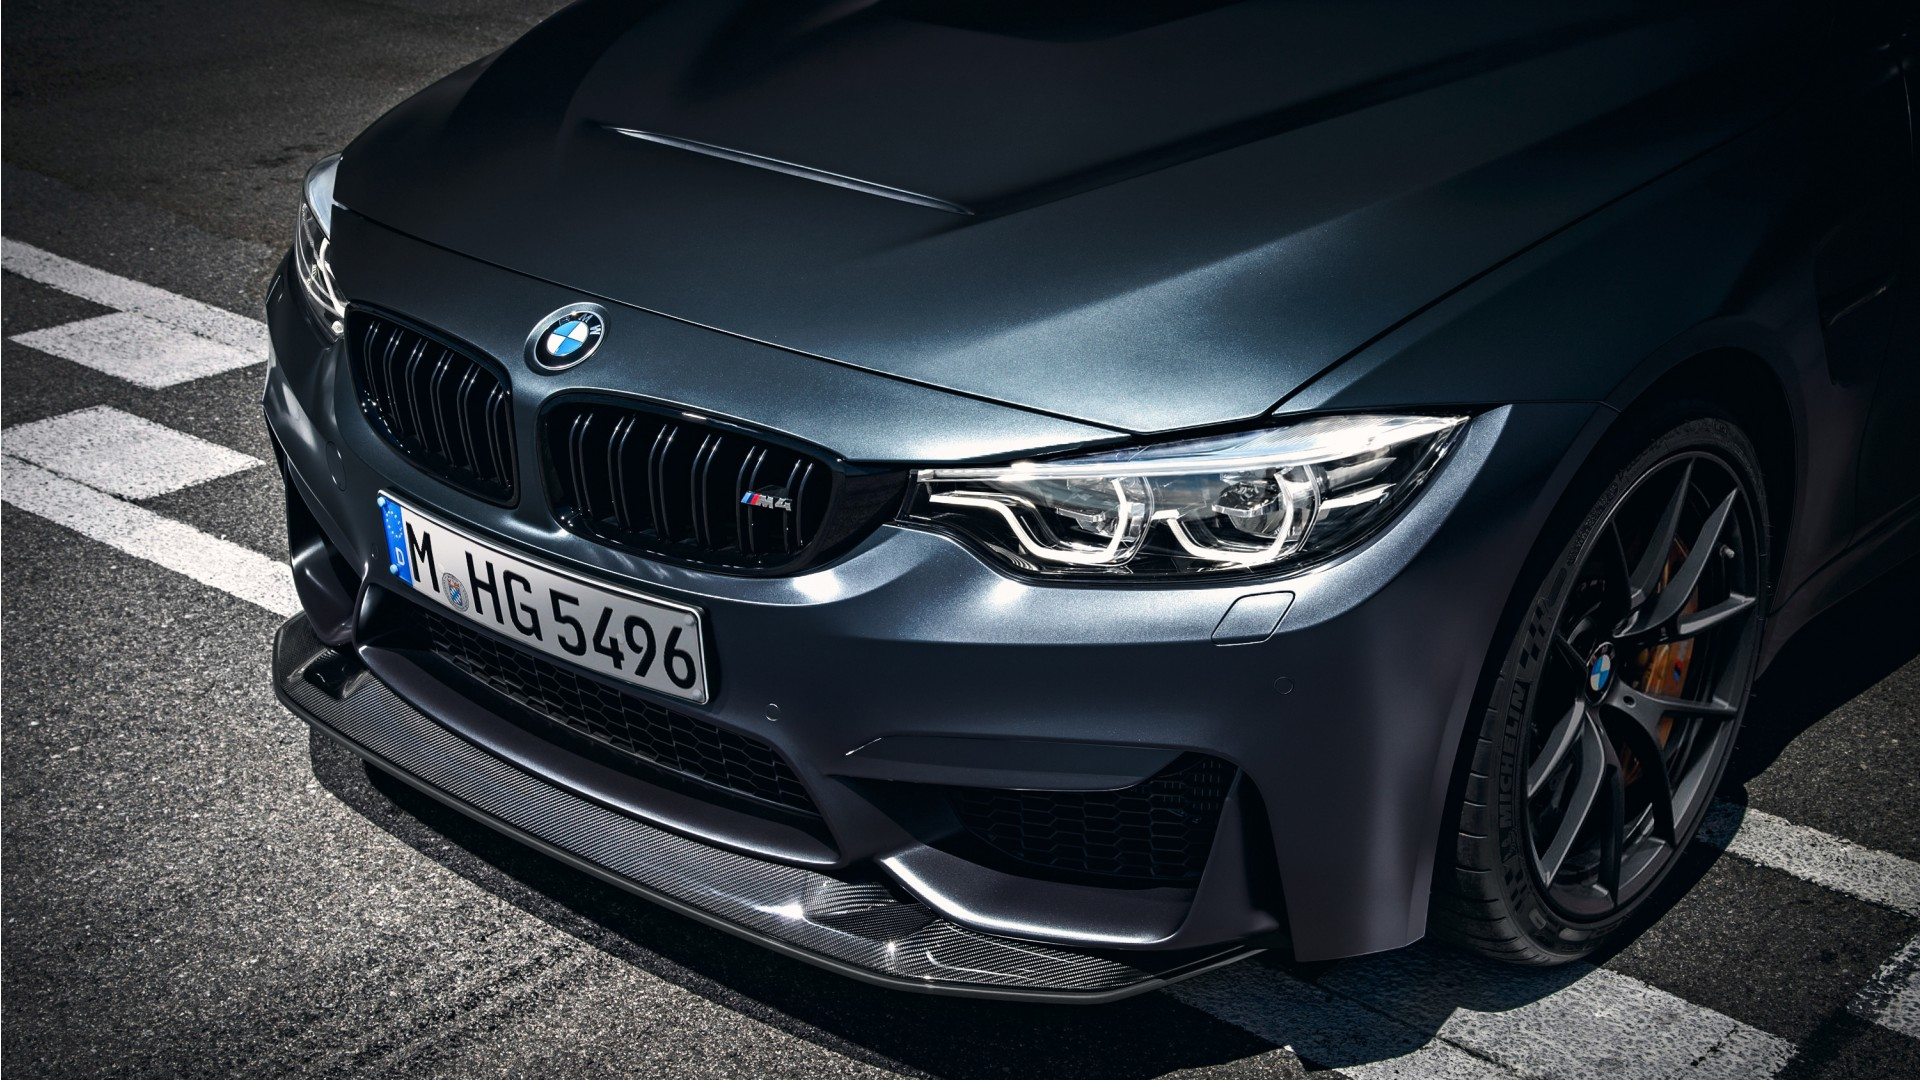 BMW M4 GTS 2018 Wallpaper | HD Car Wallpapers | ID #8096